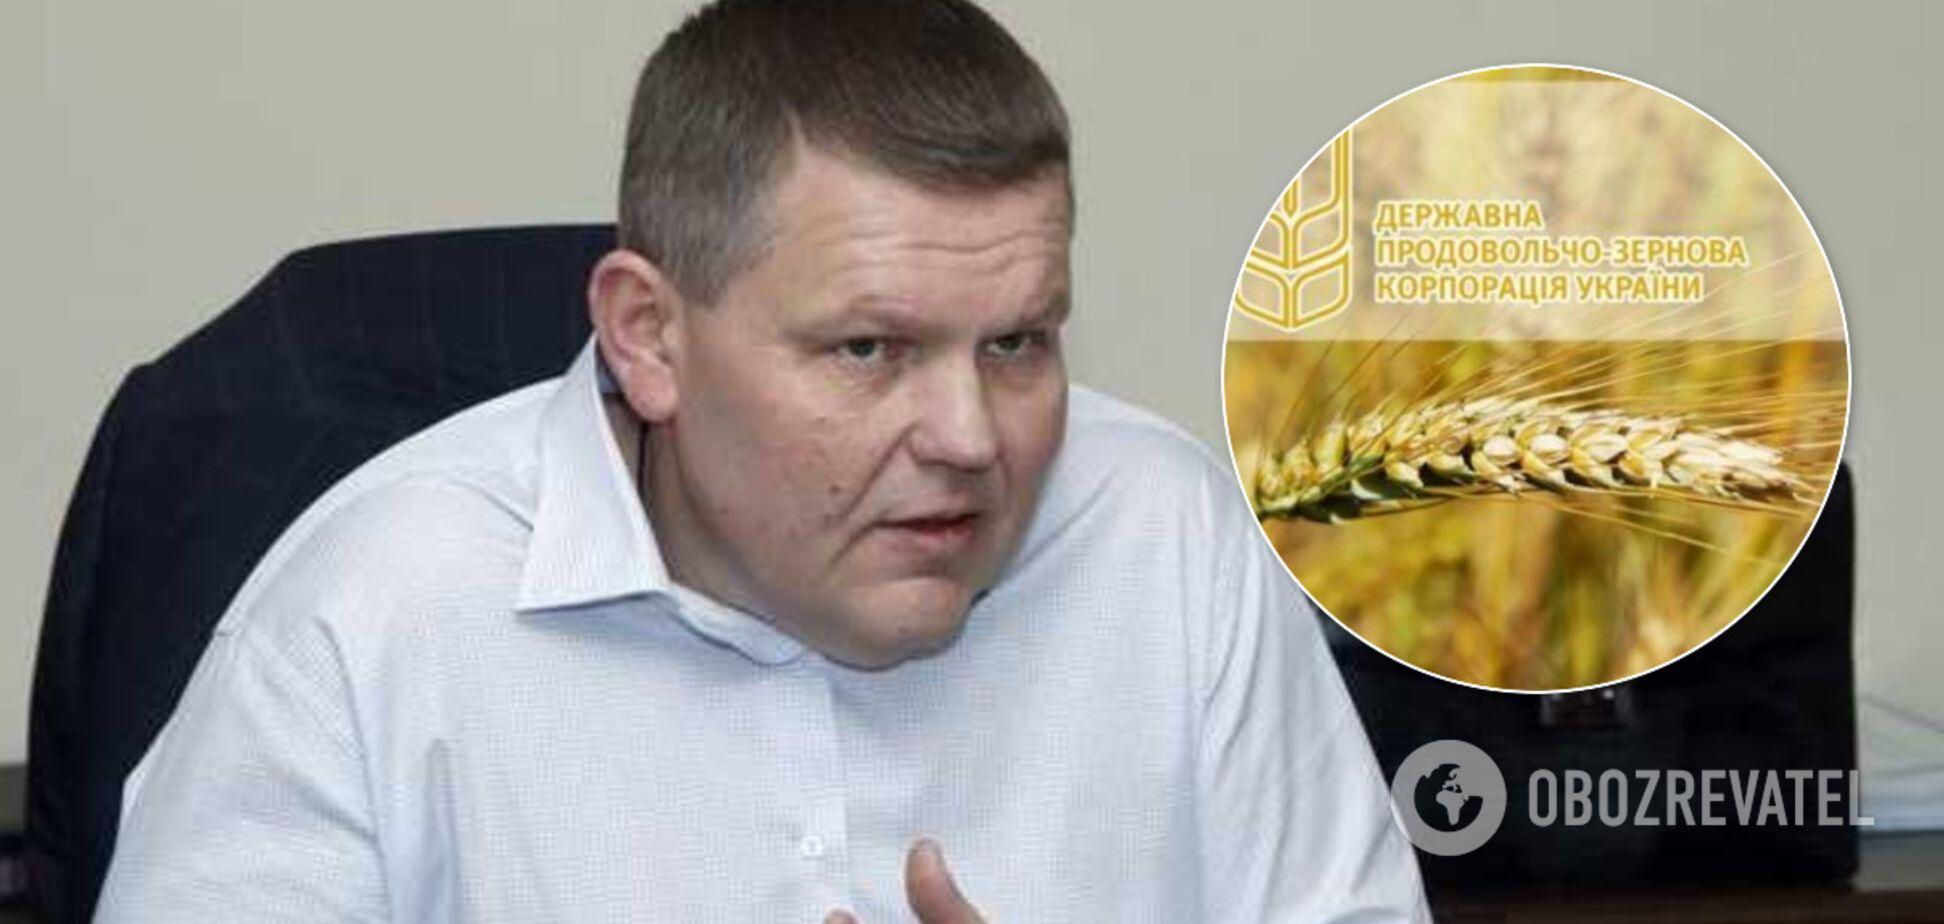 Давиденко очолював велику зернову корпорацію: журналіст розкрив корупційні подробиці